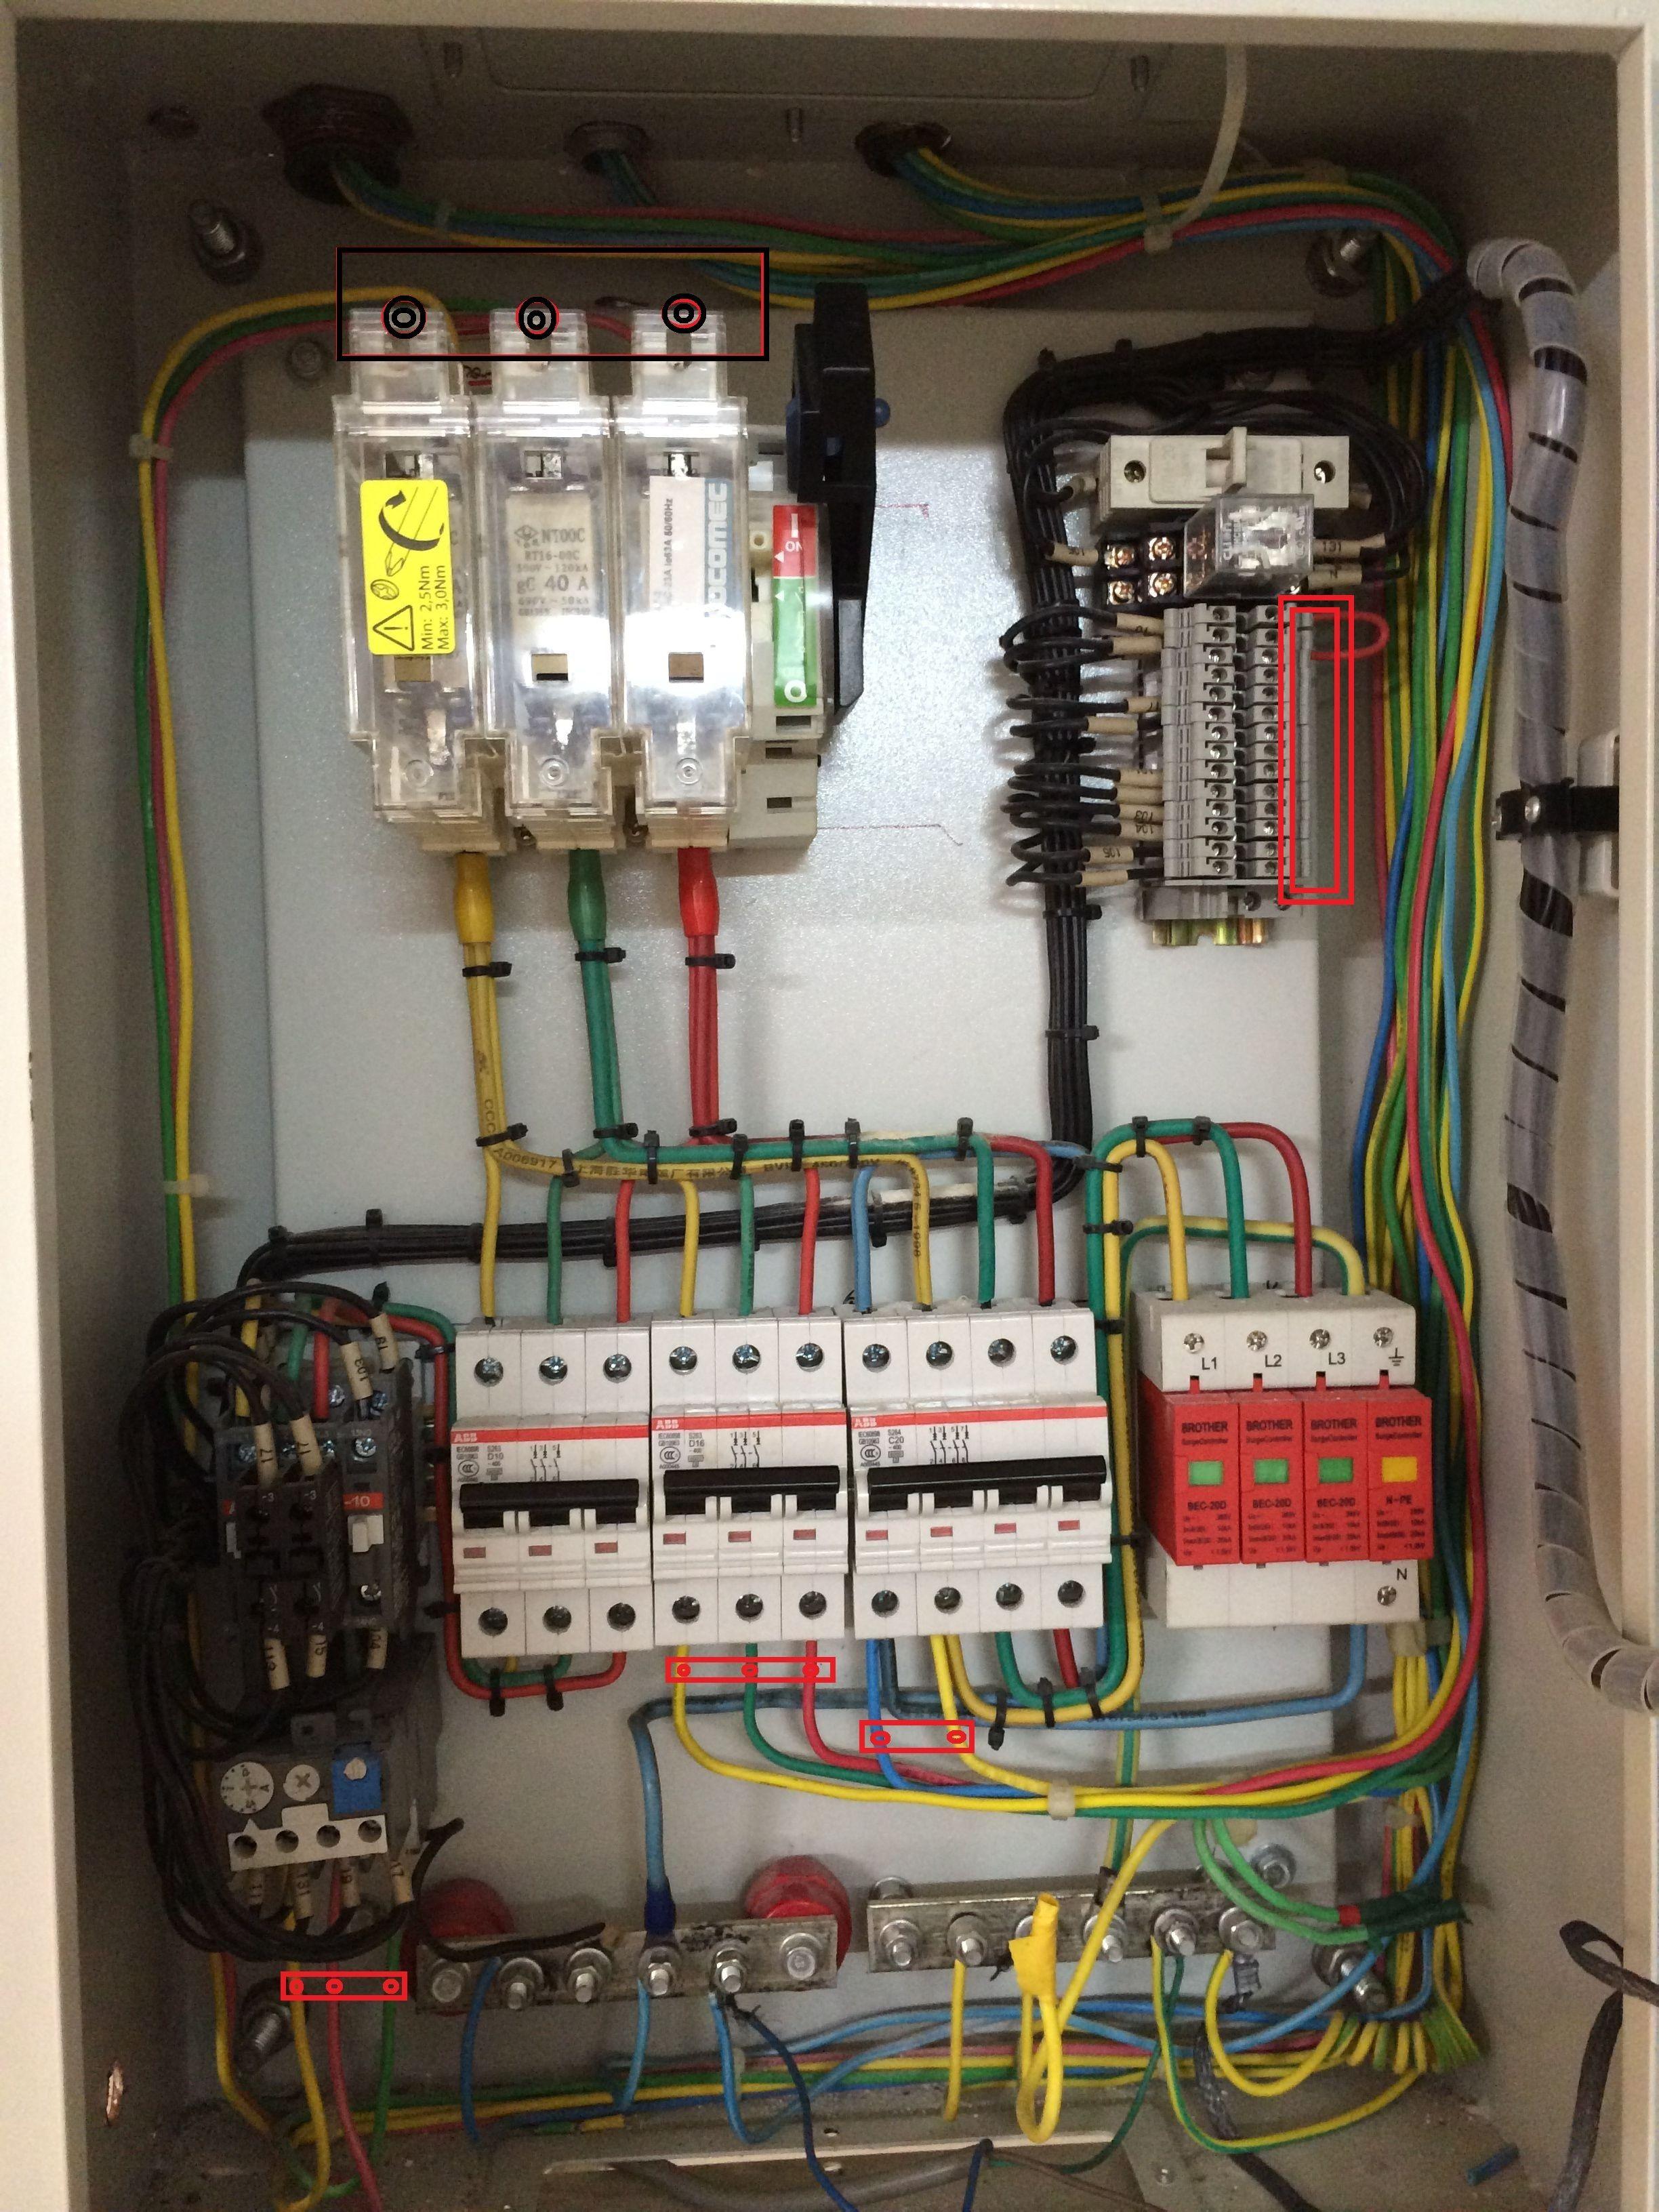 电缆 接线 设备 线 2448_3264 竖版 竖屏